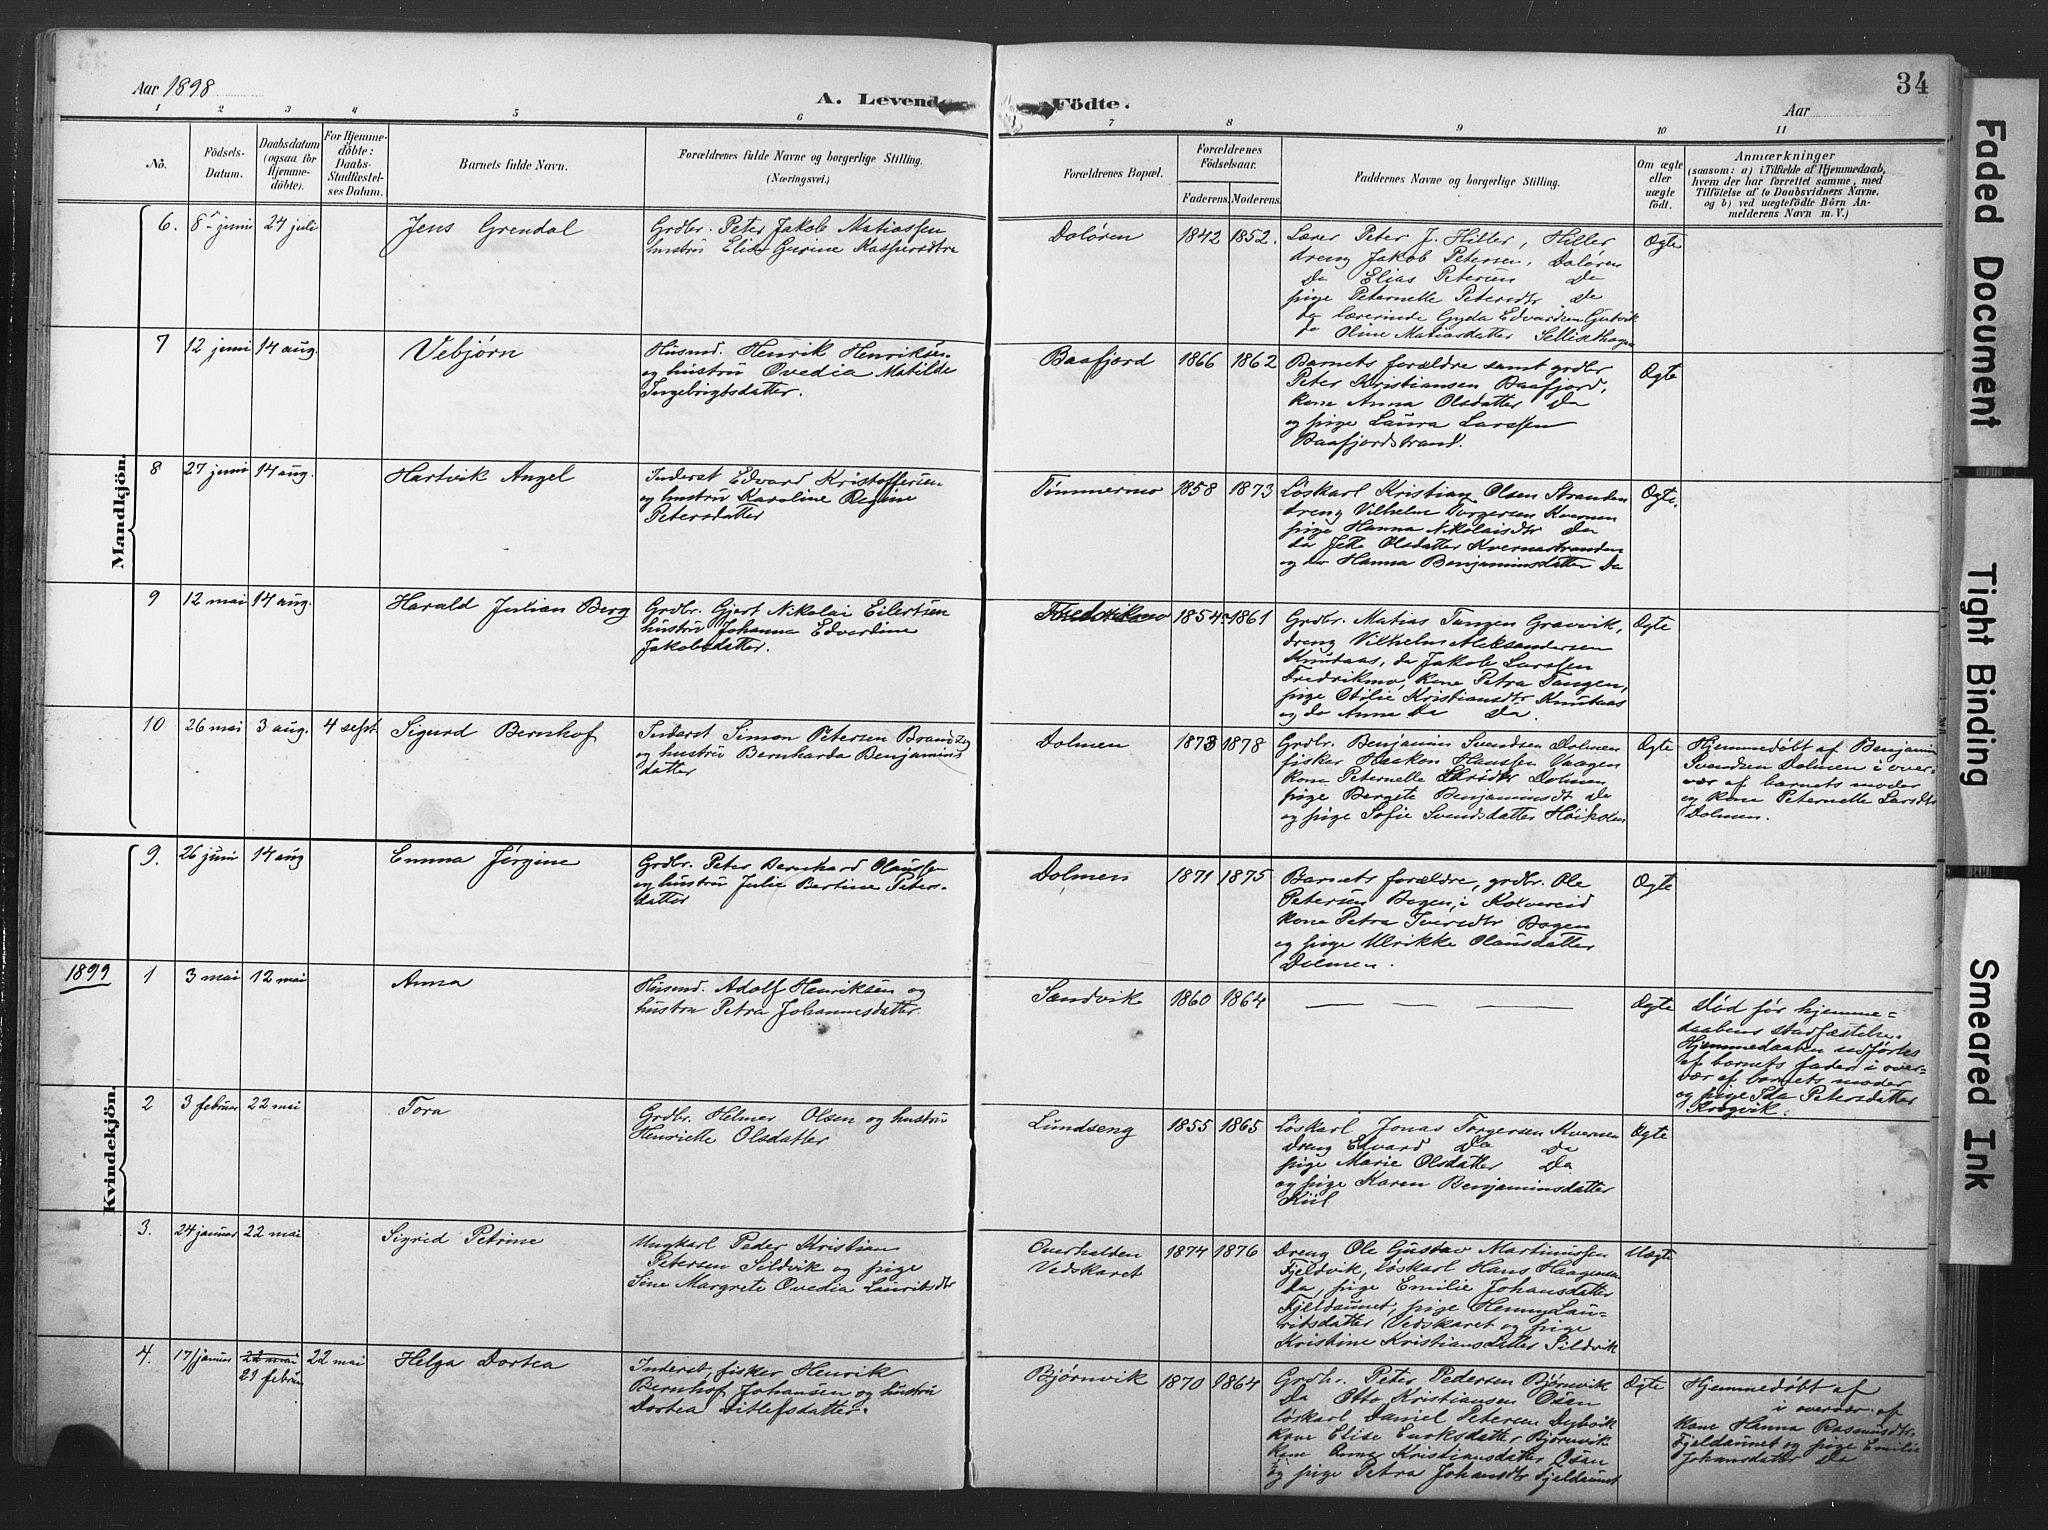 SAT, Ministerialprotokoller, klokkerbøker og fødselsregistre - Nord-Trøndelag, 789/L0706: Klokkerbok nr. 789C01, 1888-1931, s. 34